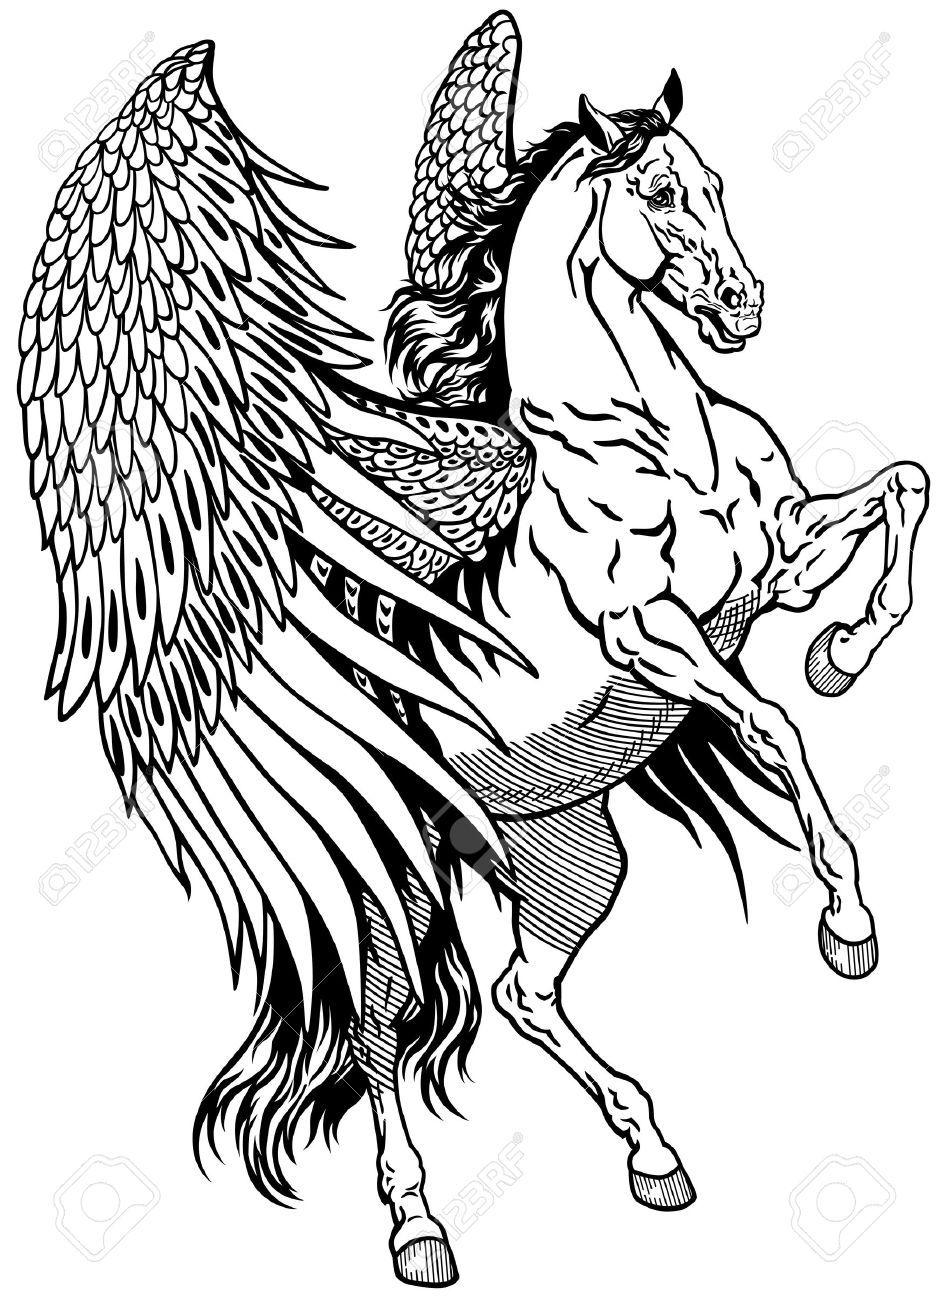 White Pegasus Mythological Winged Horse Black And White Illustration Pegasus Tattoo Pegasus Drawing Winged Horse